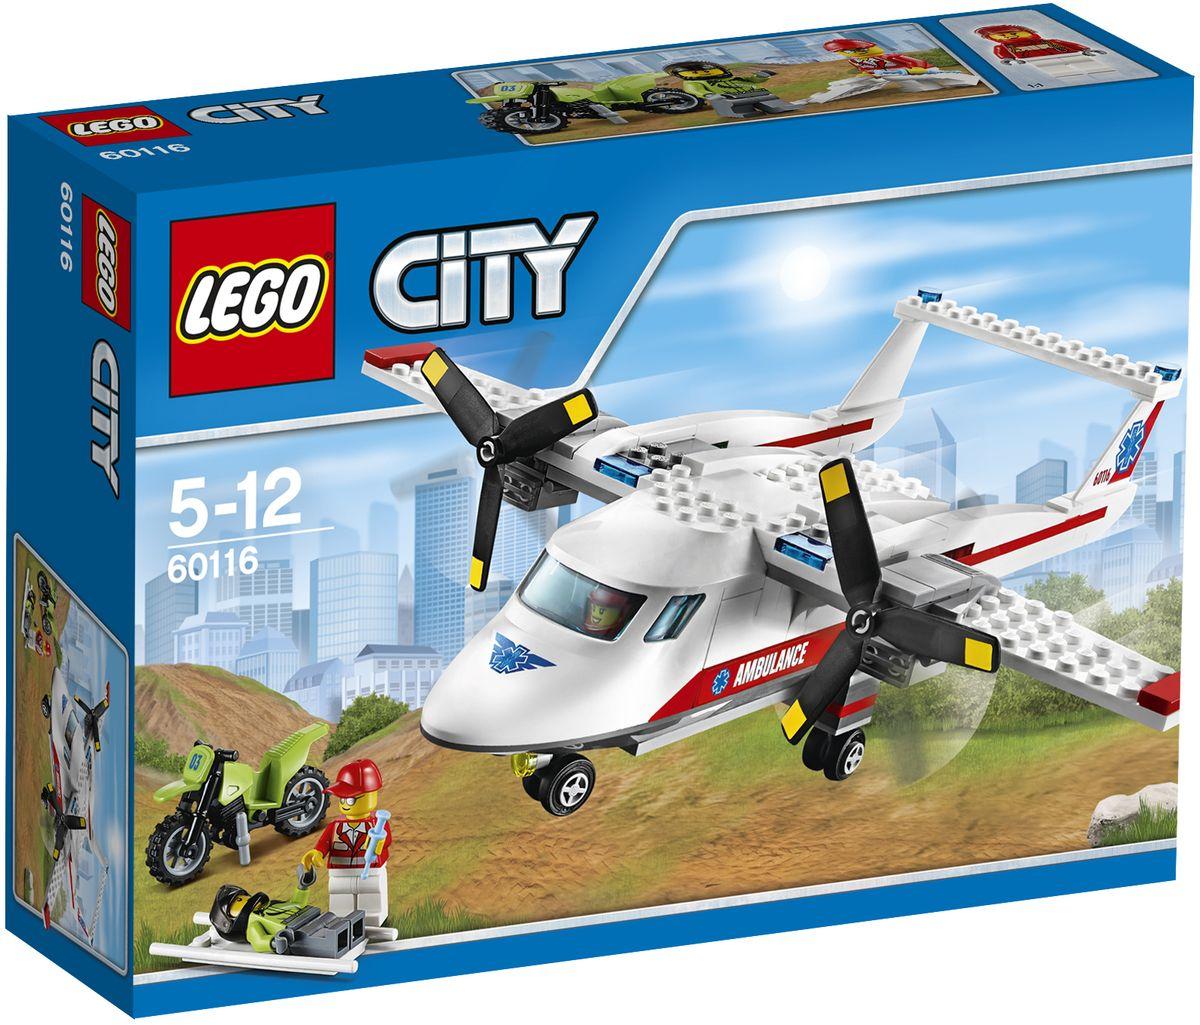 LEGO City Конструктор Самолет скорой помощи 6011660116Поприветствуй мотоциклиста, когда он проезжает мимо! А если вдруг случится беда, помоги врачу добраться к попавшему в аварию мотоциклисту. Затем положи пострадавшего на носилки, погрузи в самолёт скорой помощи и отвези туда, где ему смогут помочь! Конструктор LEGO City Самолет скорой помощи - это один из самых увлекательнейших и веселых способов времяпрепровождения. Ребенок сможет часами играть с конструктором, придумывая различные ситуации и истории. В набор также входят 3 мини-фигурки: мотоциклиста, пилота и врача. В процессе игры с конструкторами LEGO дети приобретают и постигают такие необходимые навыки как познание, творчество, воображение. Обычные наблюдения за детьми показывают, что единственное, чему они с удовольствием посвящают время, - это игры. Игра - это состояние души, это веселый опыт познания реальности. Играя, дети создают собственные миры, осваивают их, а познавая - приобретают знания и умения. Фантазия ребенка безгранична, беря свое начало в...